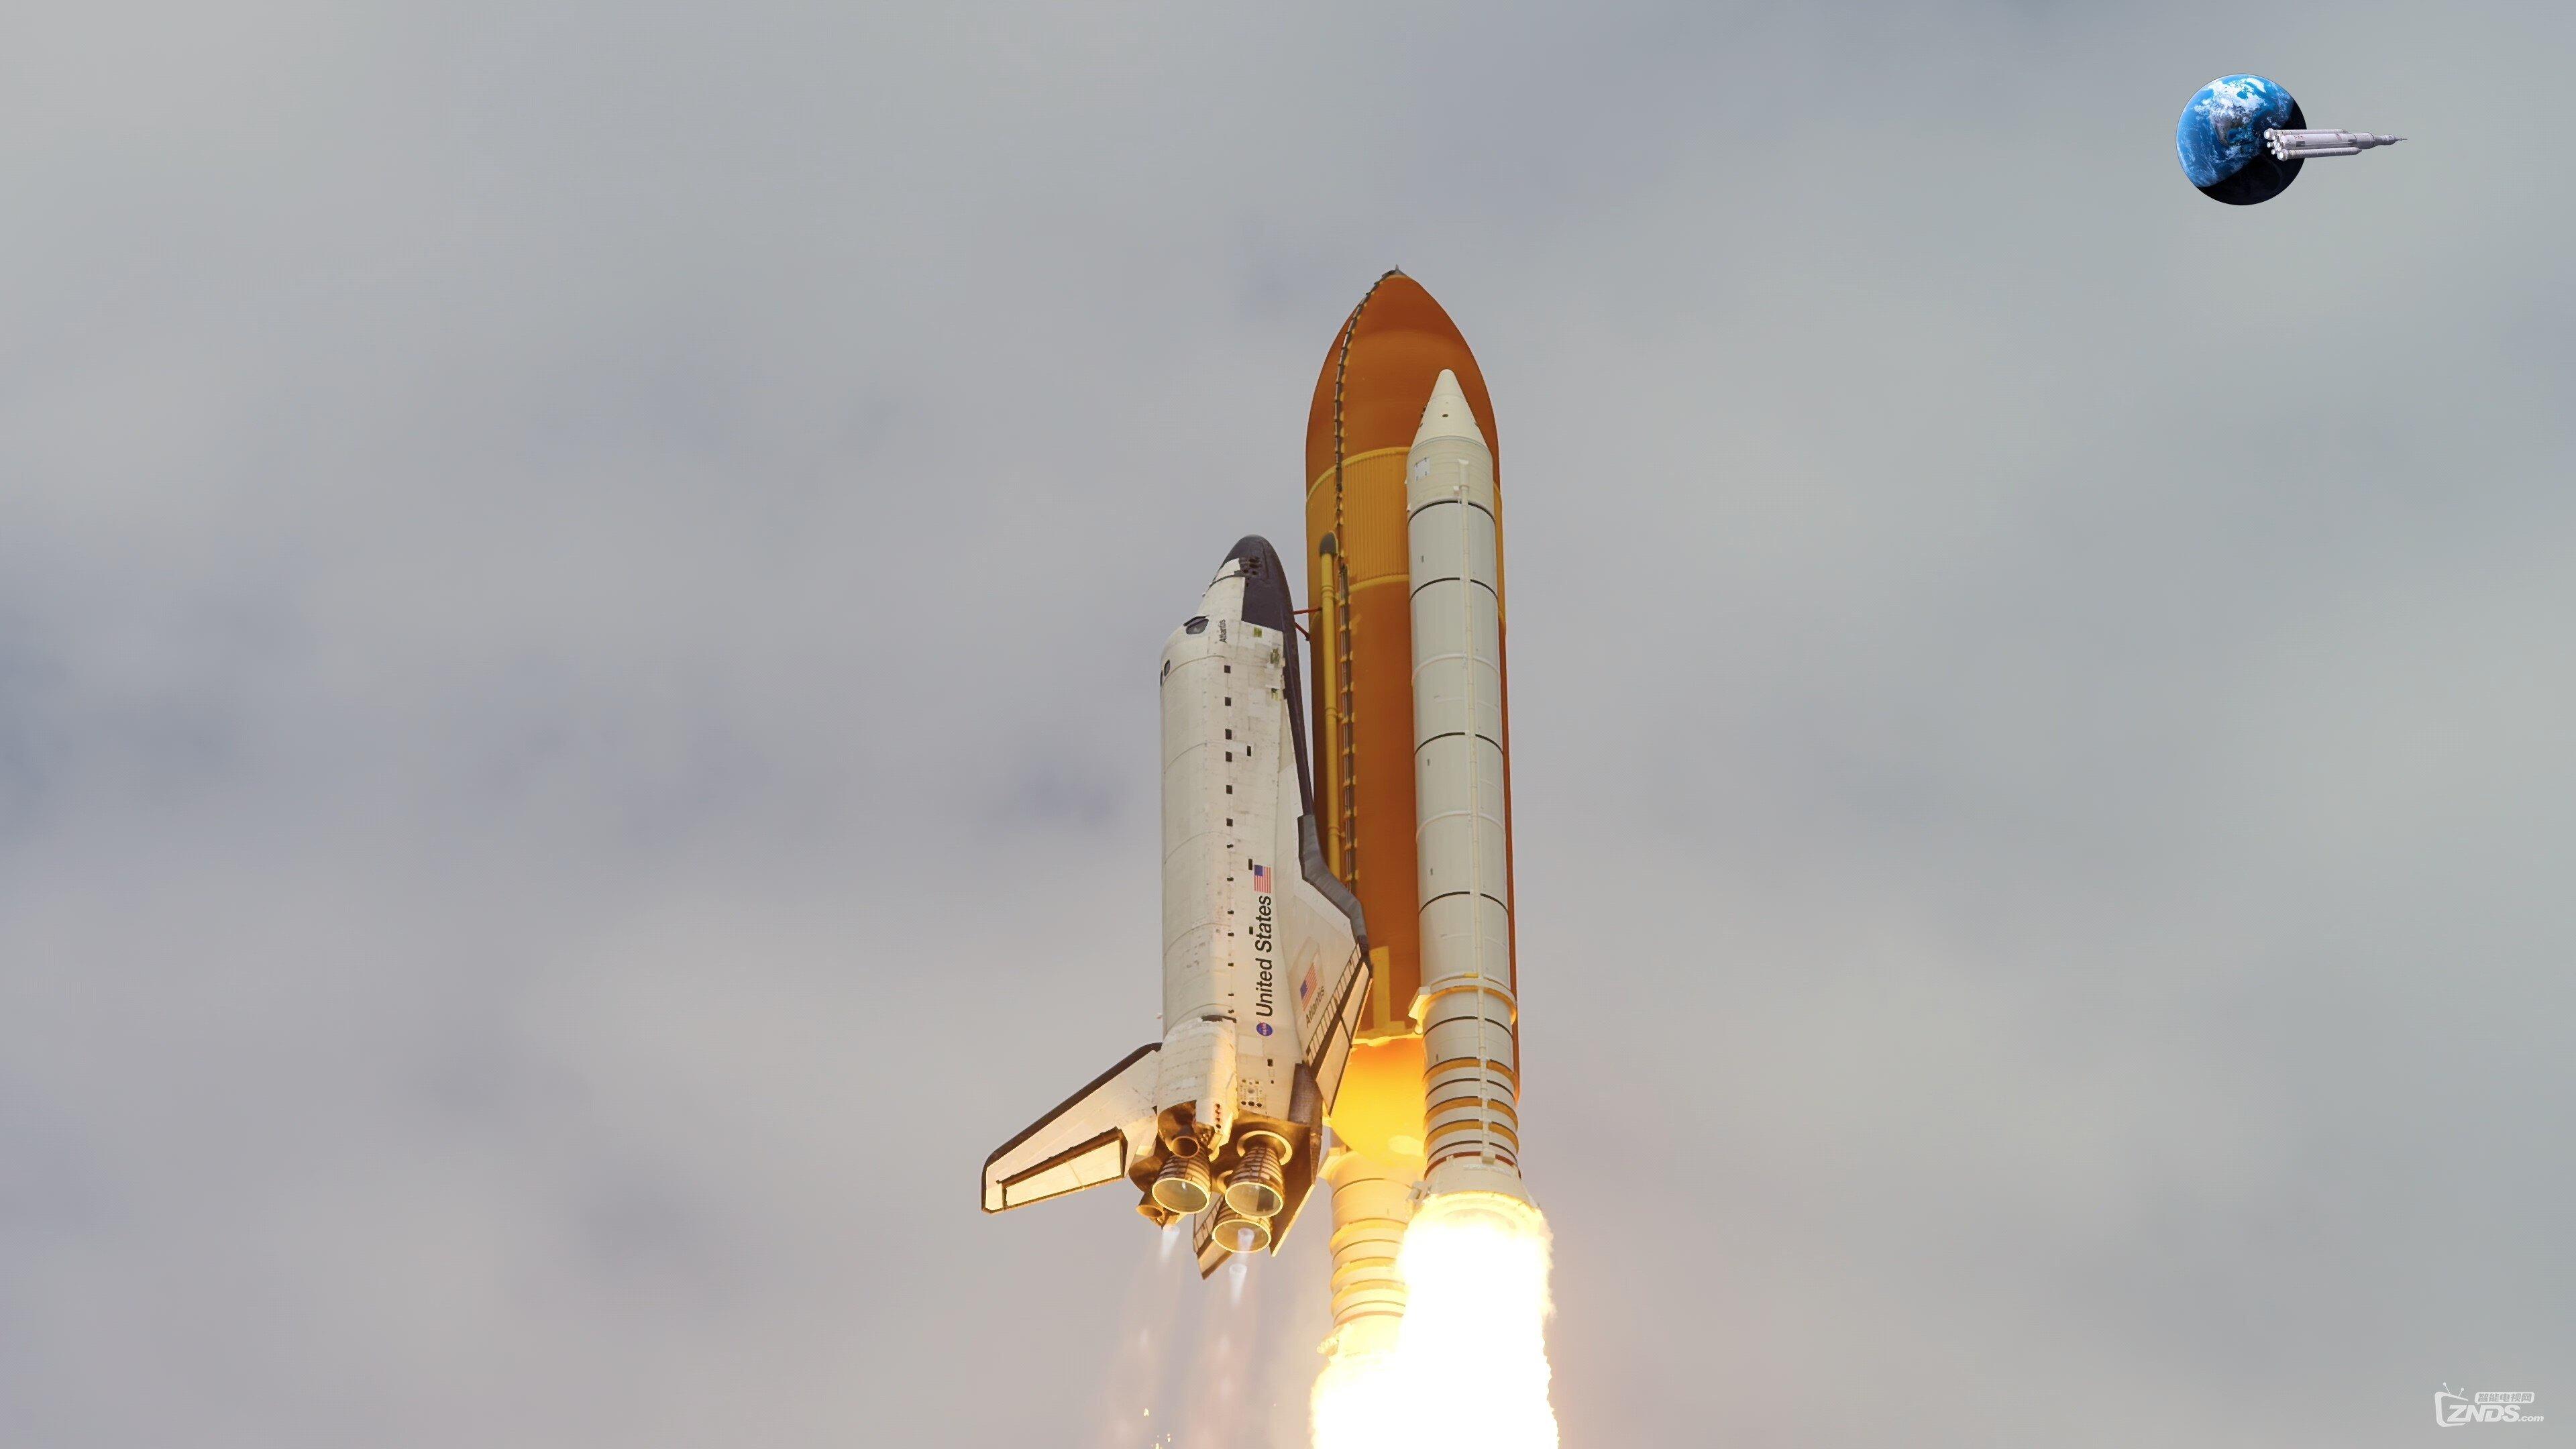 LG.OLED.4K.DEMO_NASA.Two.ts_2017_02.jpg